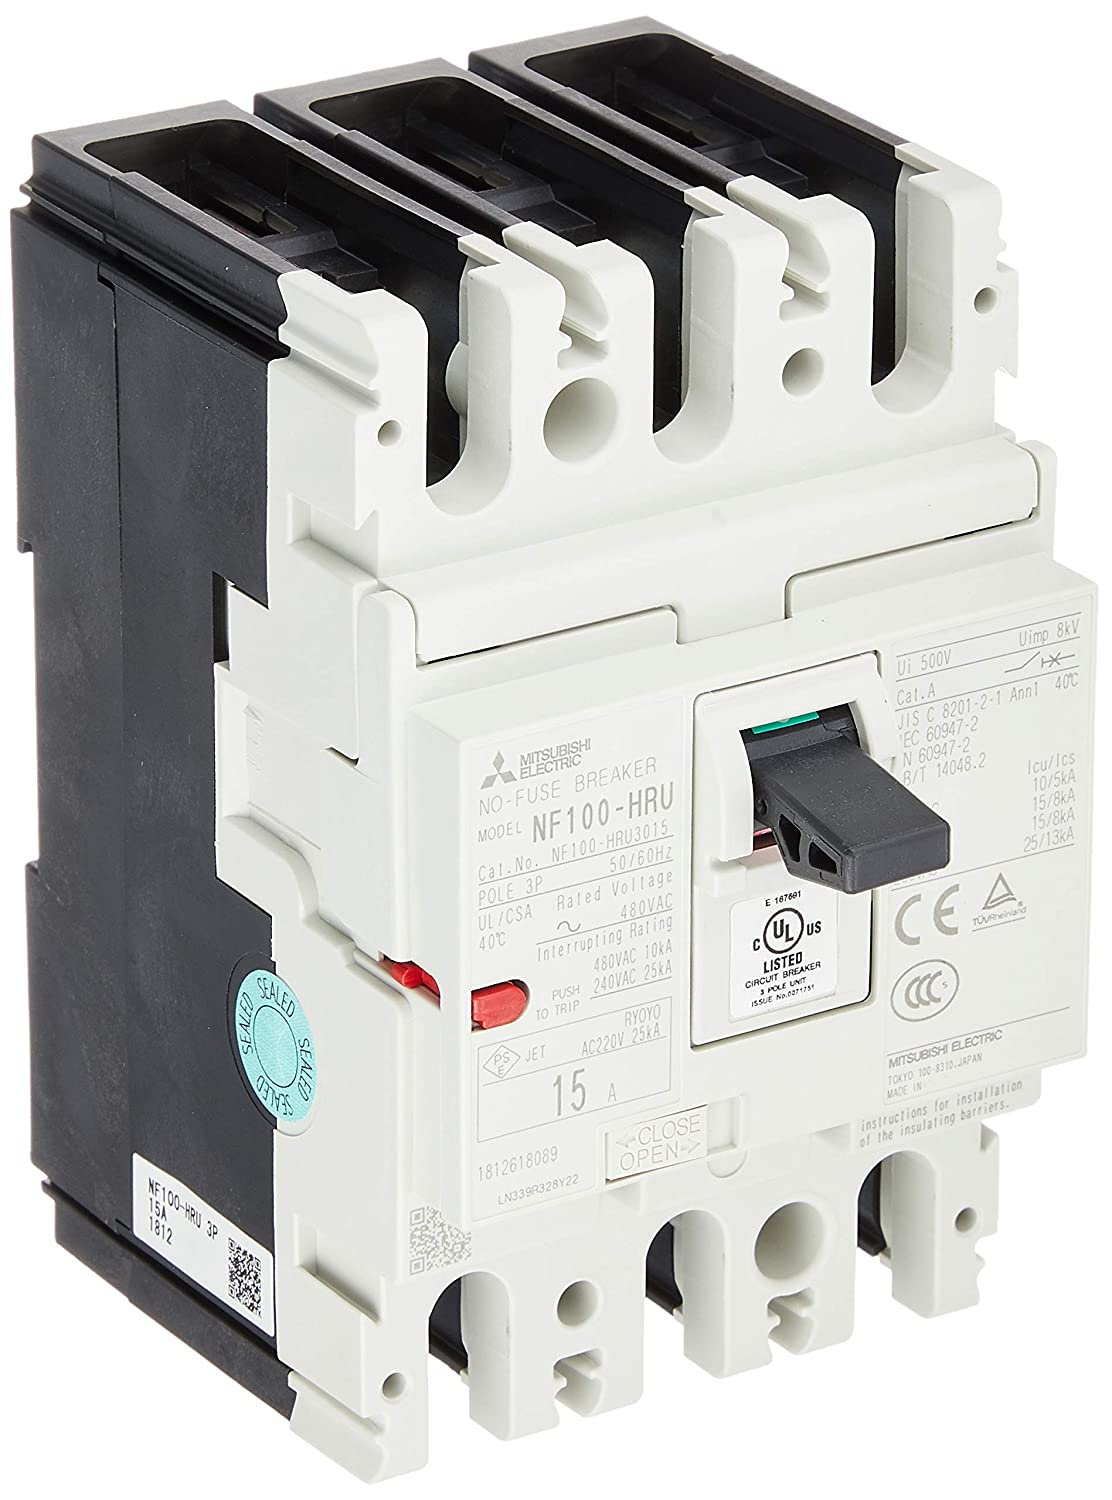 有名な高級ブランド 三菱電機 3P ノーヒューズ遮断器 HRUシリーズ UL 489 AC480V対応 IEC35mmレール取付標準対応 NF100-HRU NF100-HRU 3P B07J2QJV73 15A B07J2QJV73, テルショップジャパン:24eed1b0 --- a0267596.xsph.ru